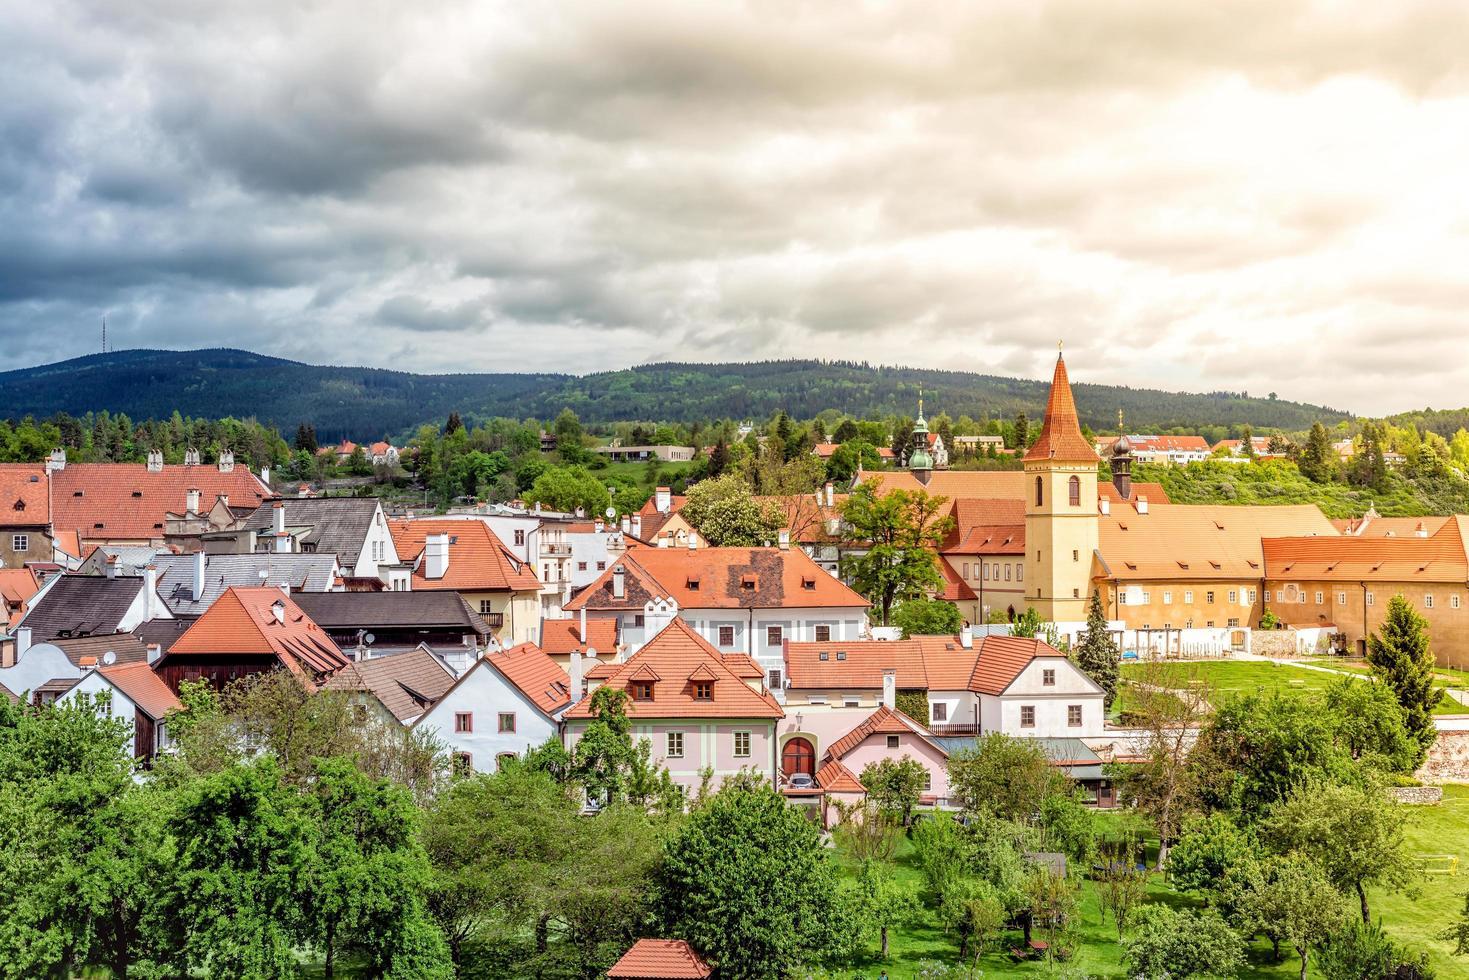 Blick auf die Altstadt von Cesky Krumlov in der Tschechischen Republik foto